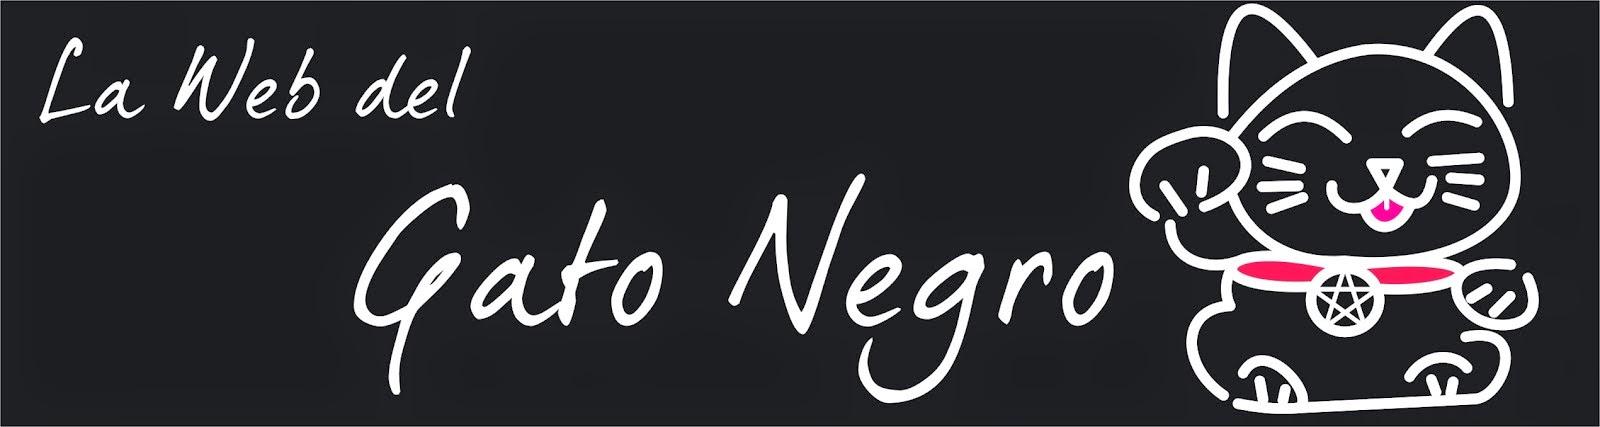 La Web del Gato Negro